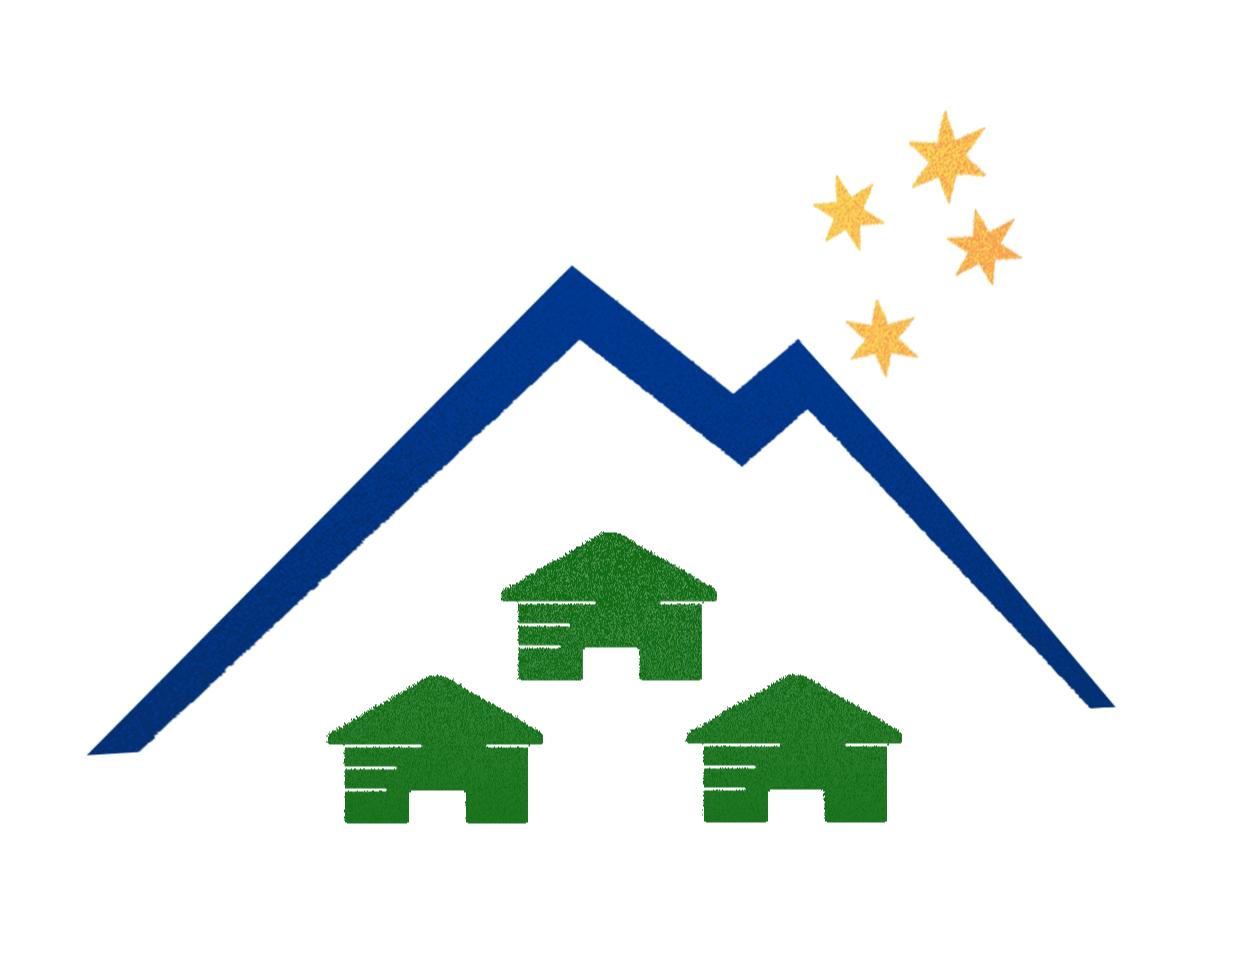 Logo de La Iniciativa de Luz y Liderazgo (The Light and Leadership Initiative)